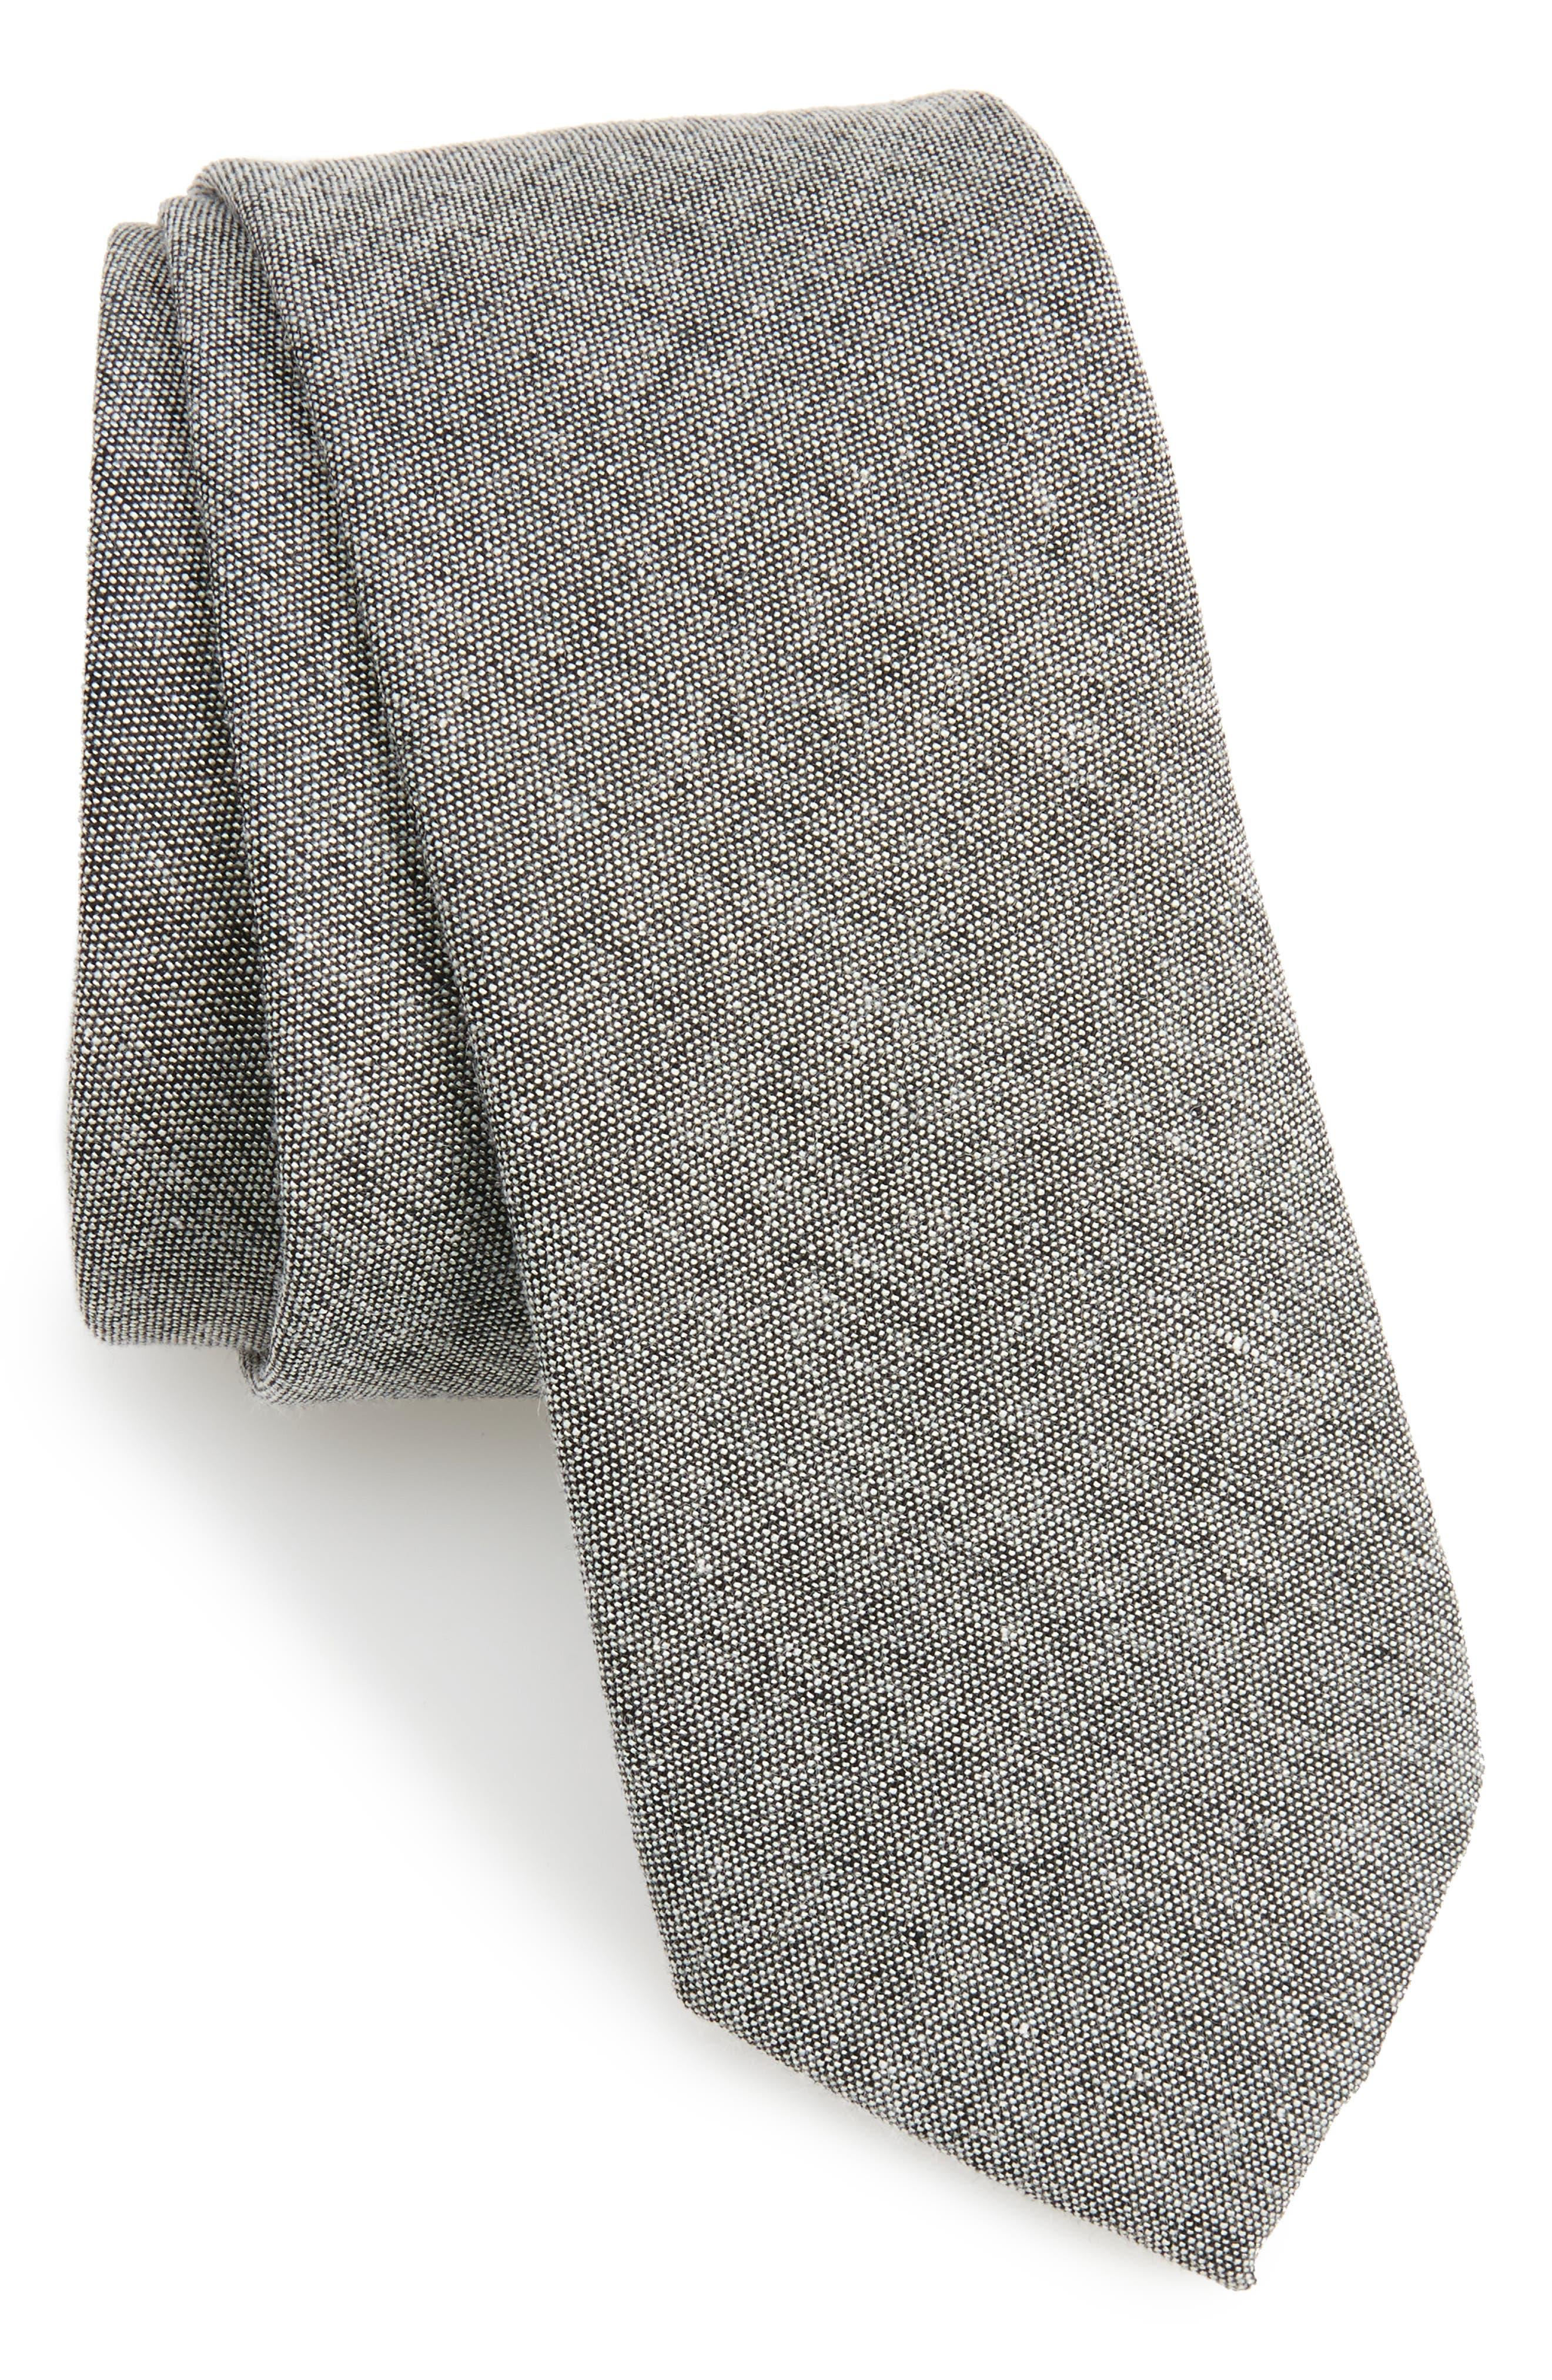 Nordstrom Men's Shop Textured Skinny Tie